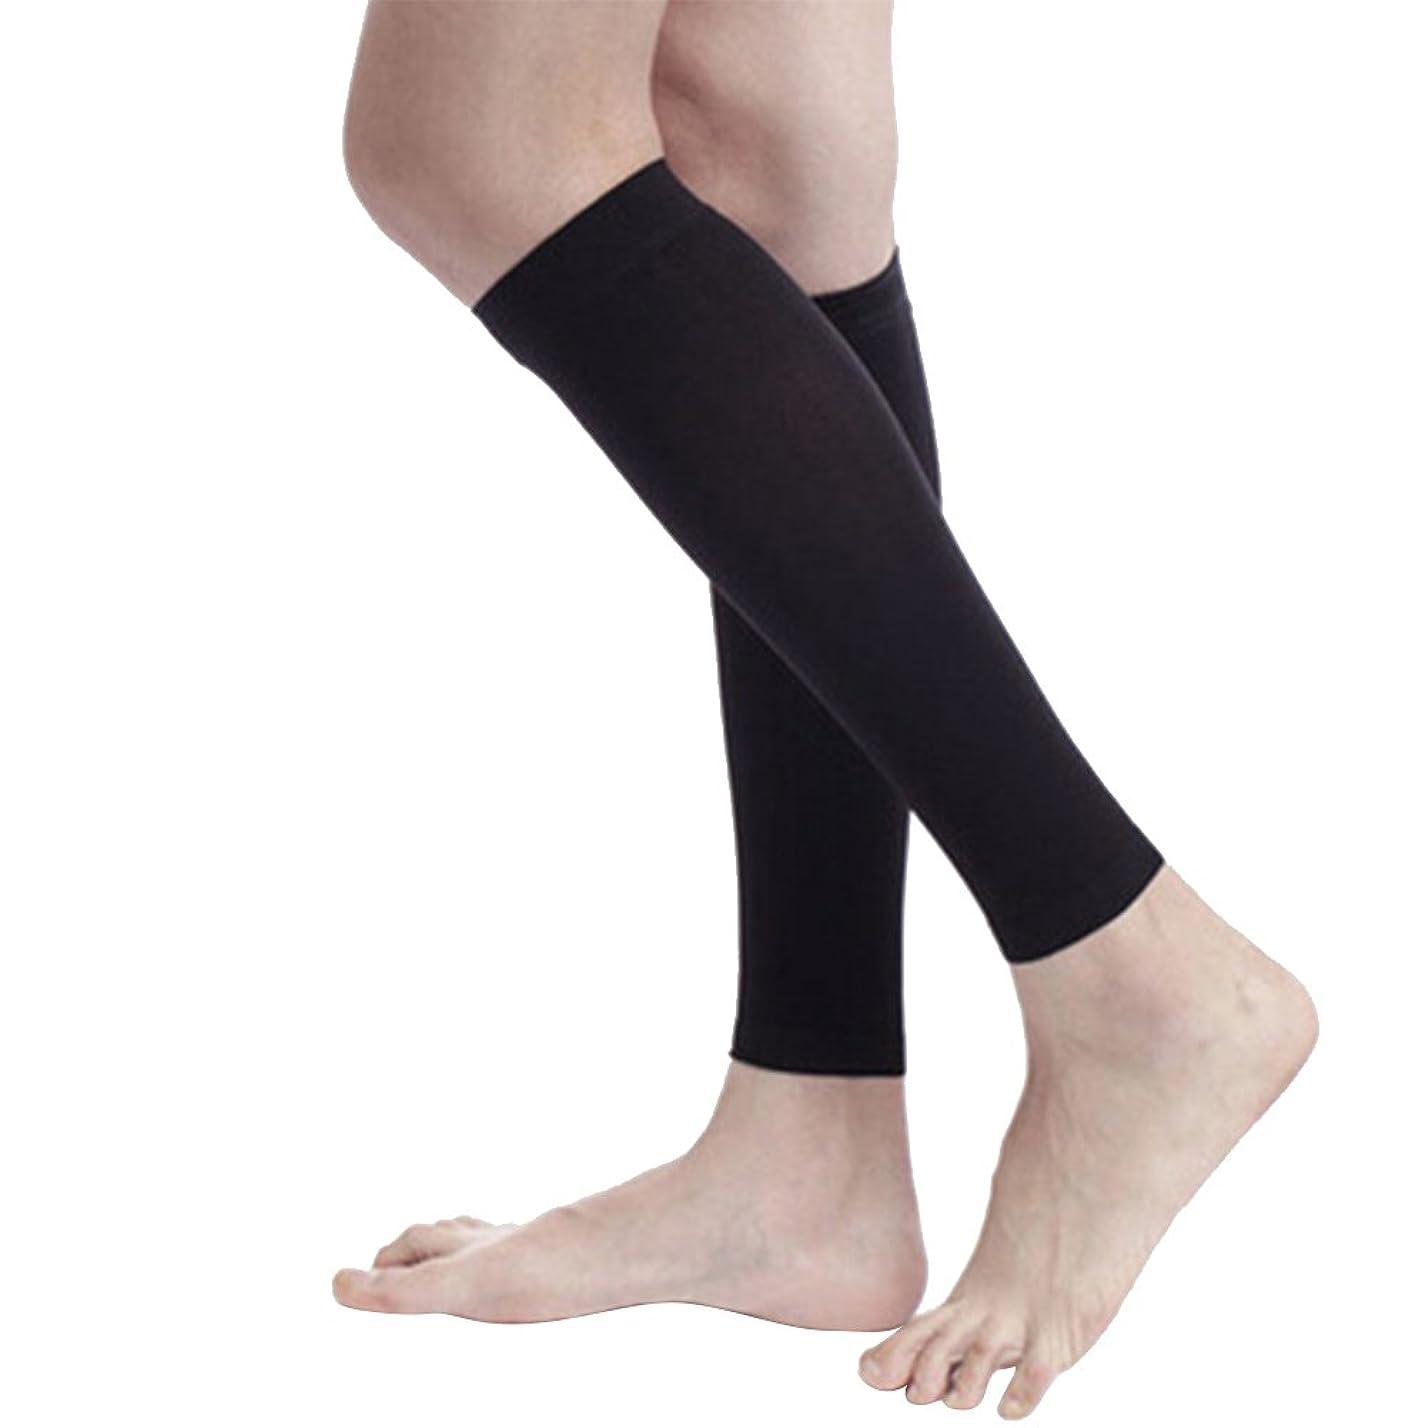 愛国的な素晴らしいです指定MEJORMEN 着圧ソックス 段階式圧力設計(40-50mmHg) 着圧靴下 美脚ケア お出かけ用 強圧 弾性ソックス 足の疲れ/むくみ解消 1足 男女兼用 3種類ライプ S~XXL